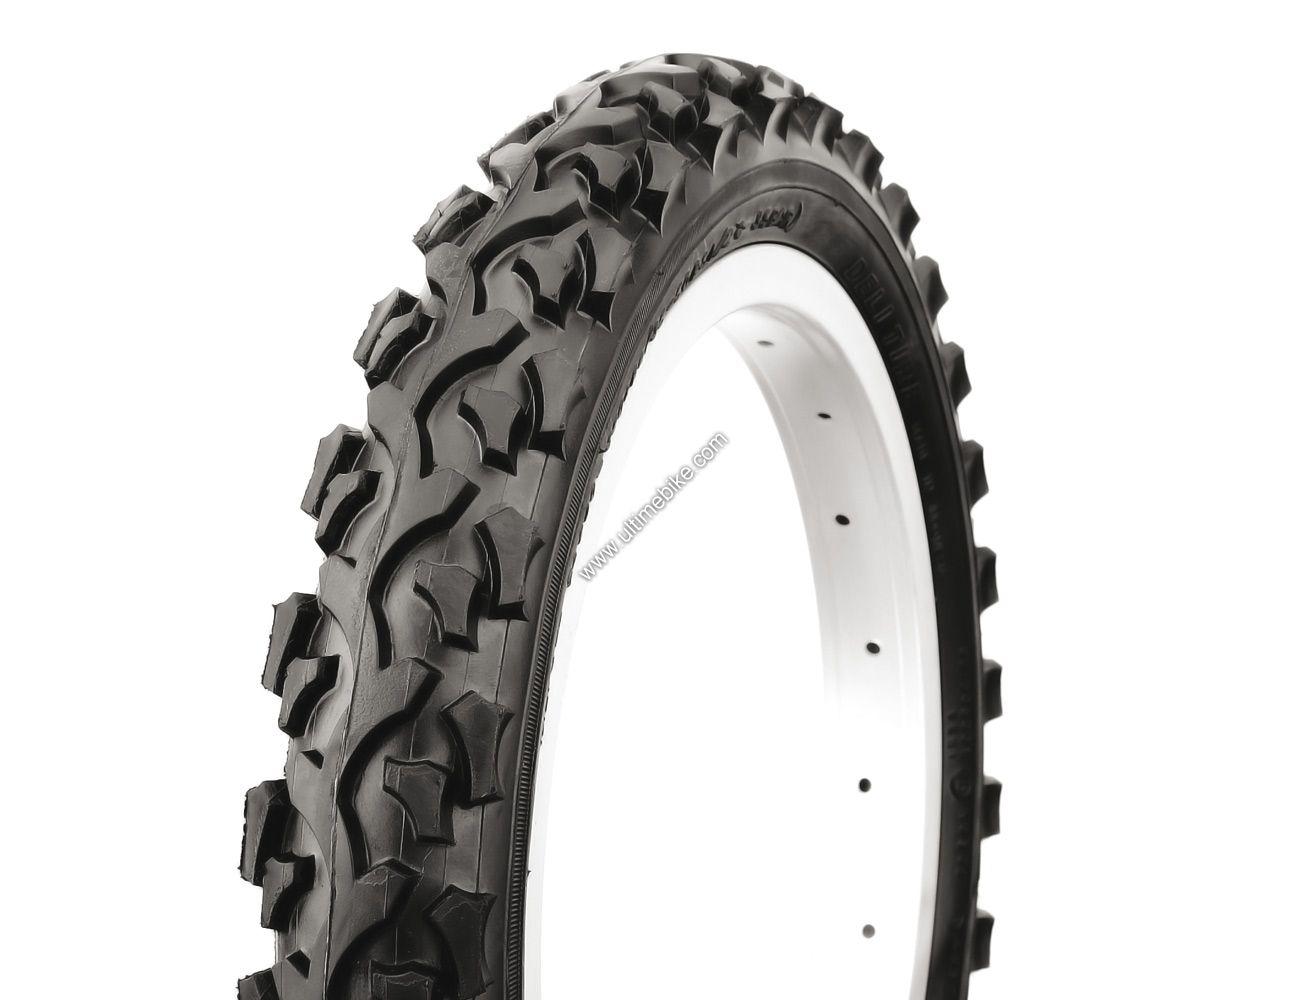 DELITIRE pneus sa 206 18 x 1,75 47-355 Fuchsia